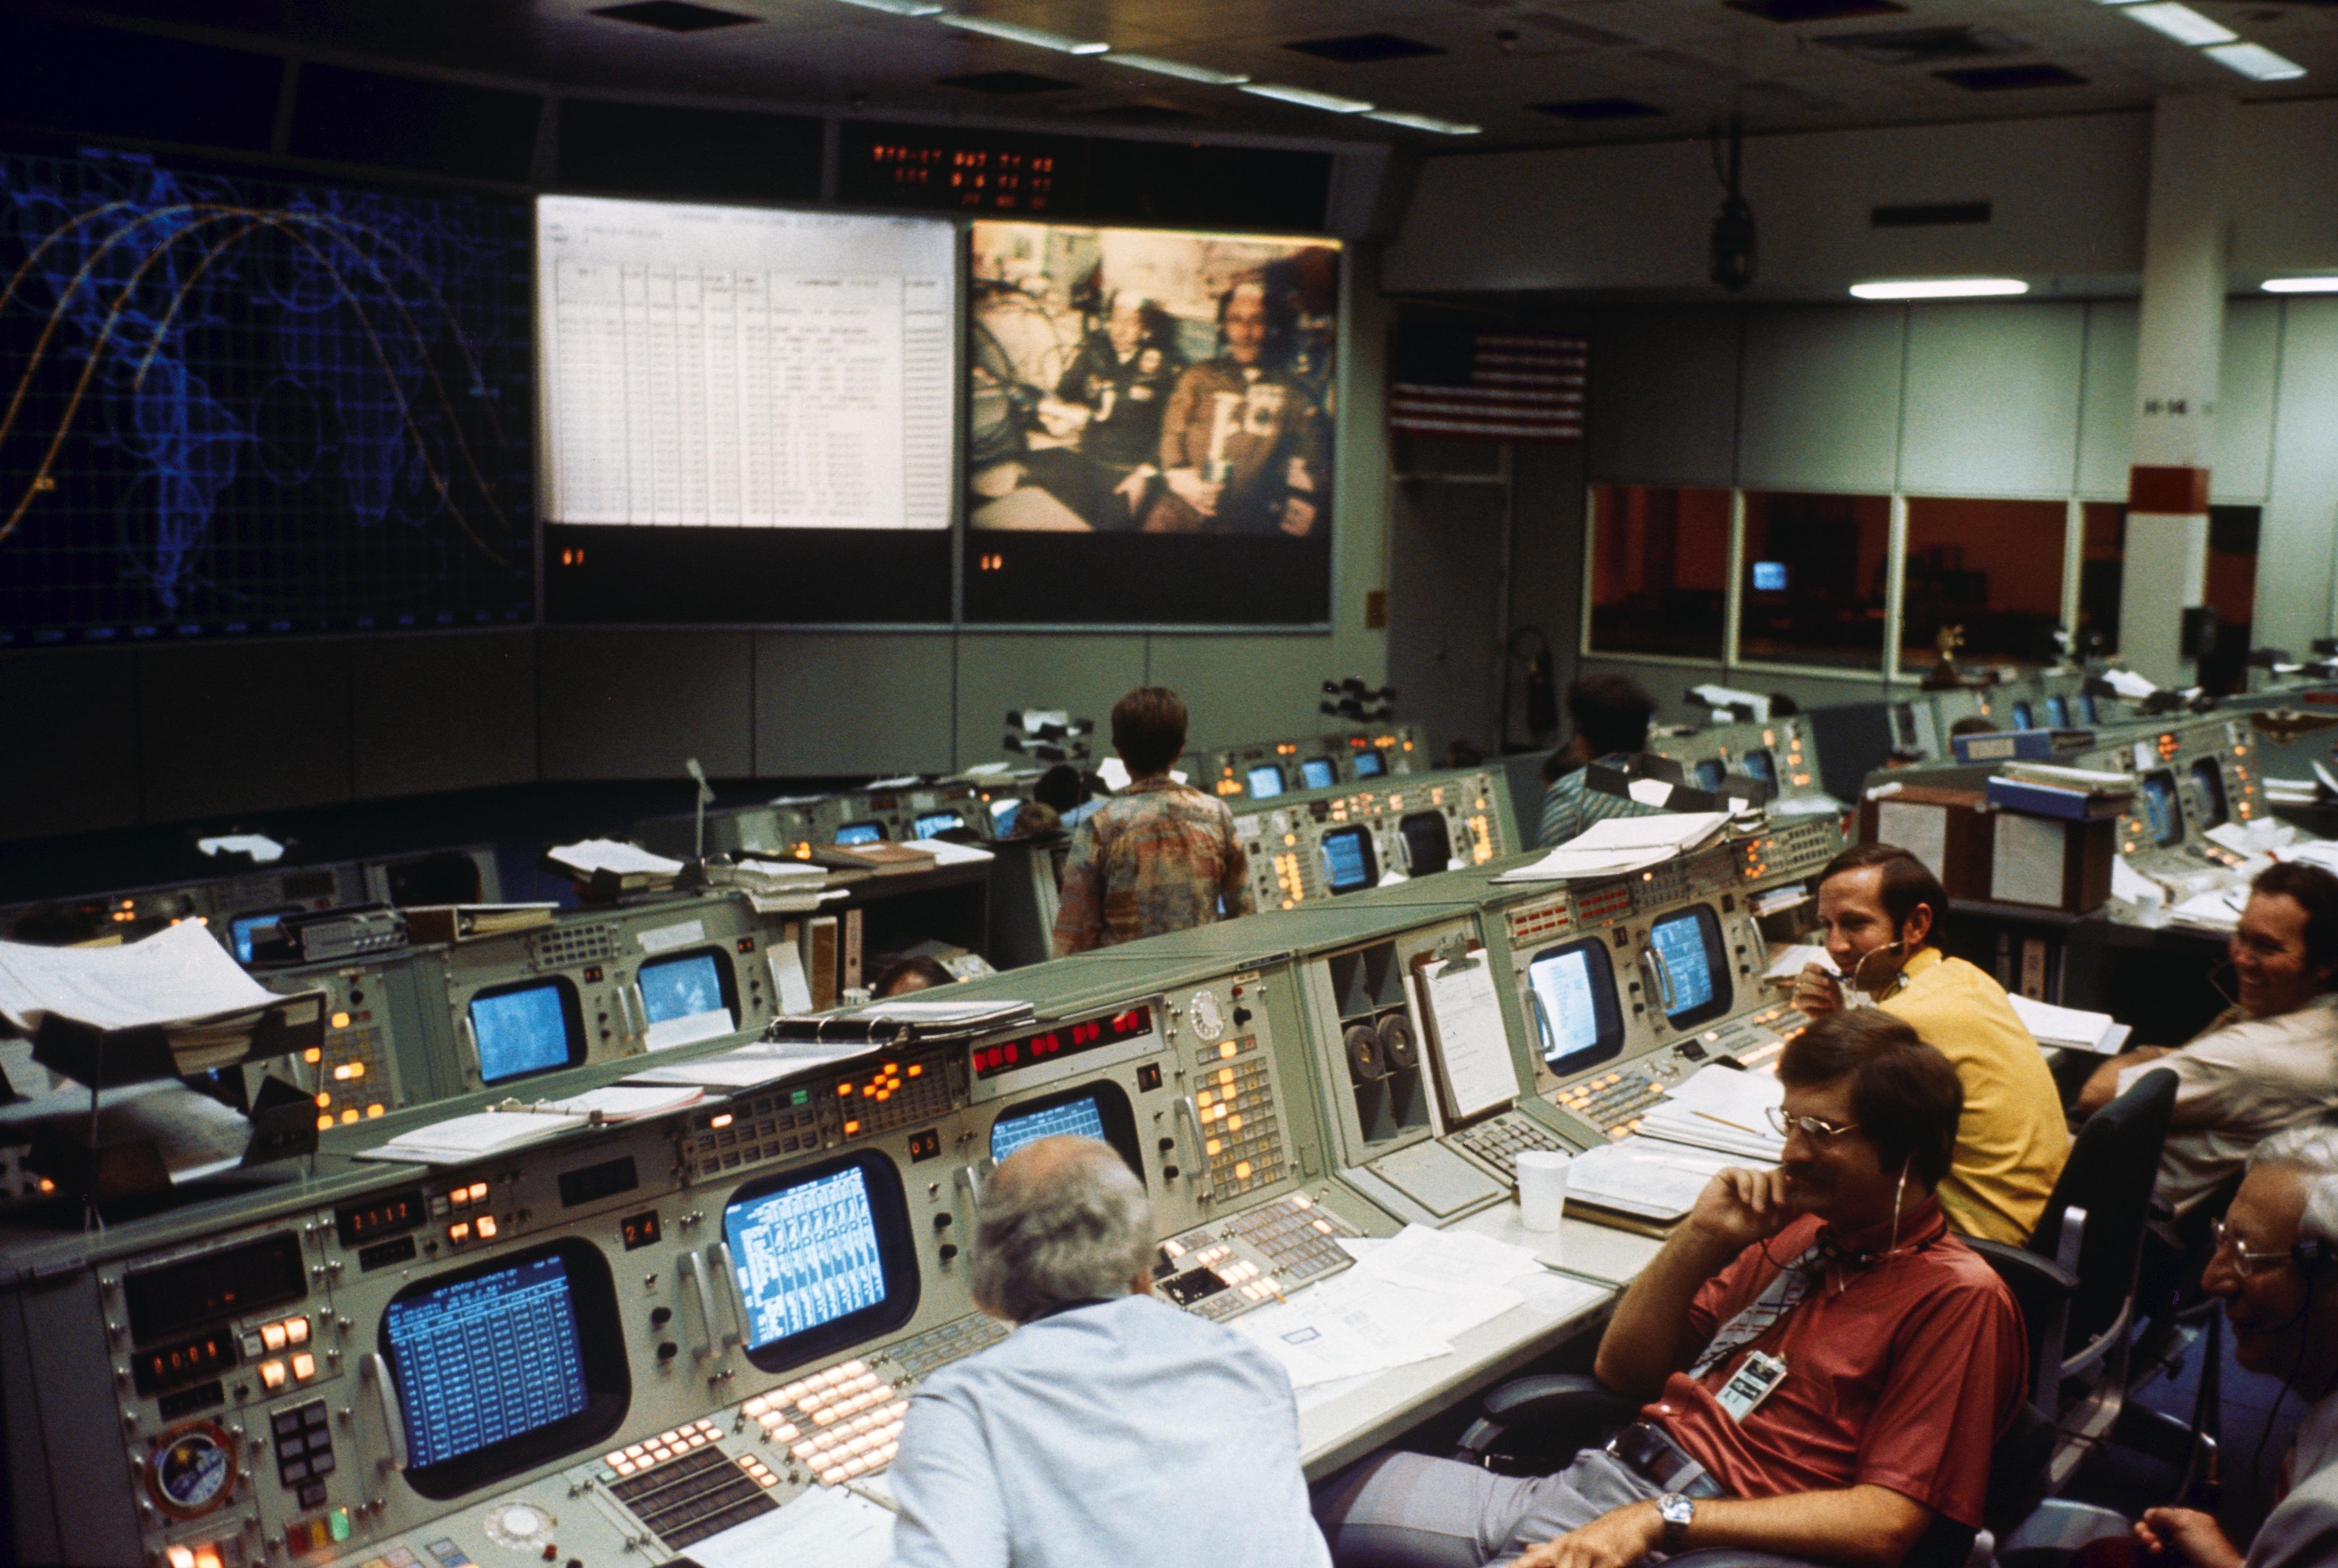 apollo 13 nasa mission control - photo #20